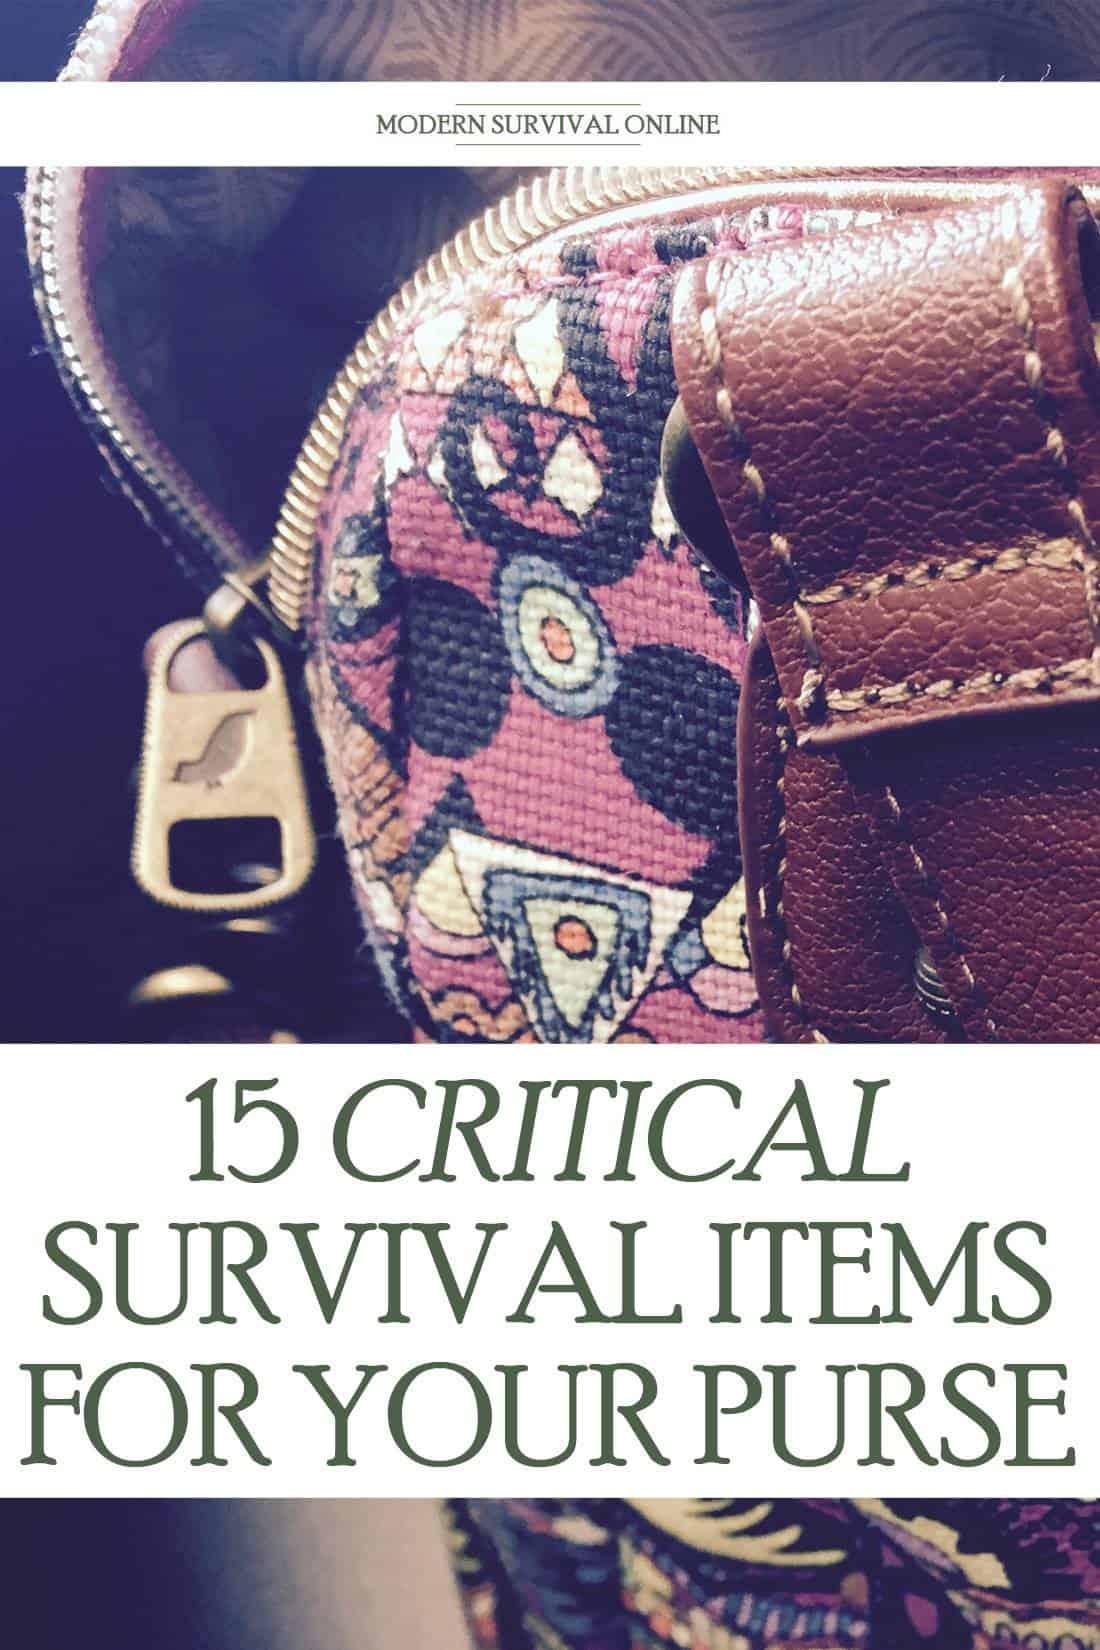 purse survival items Pinterest image